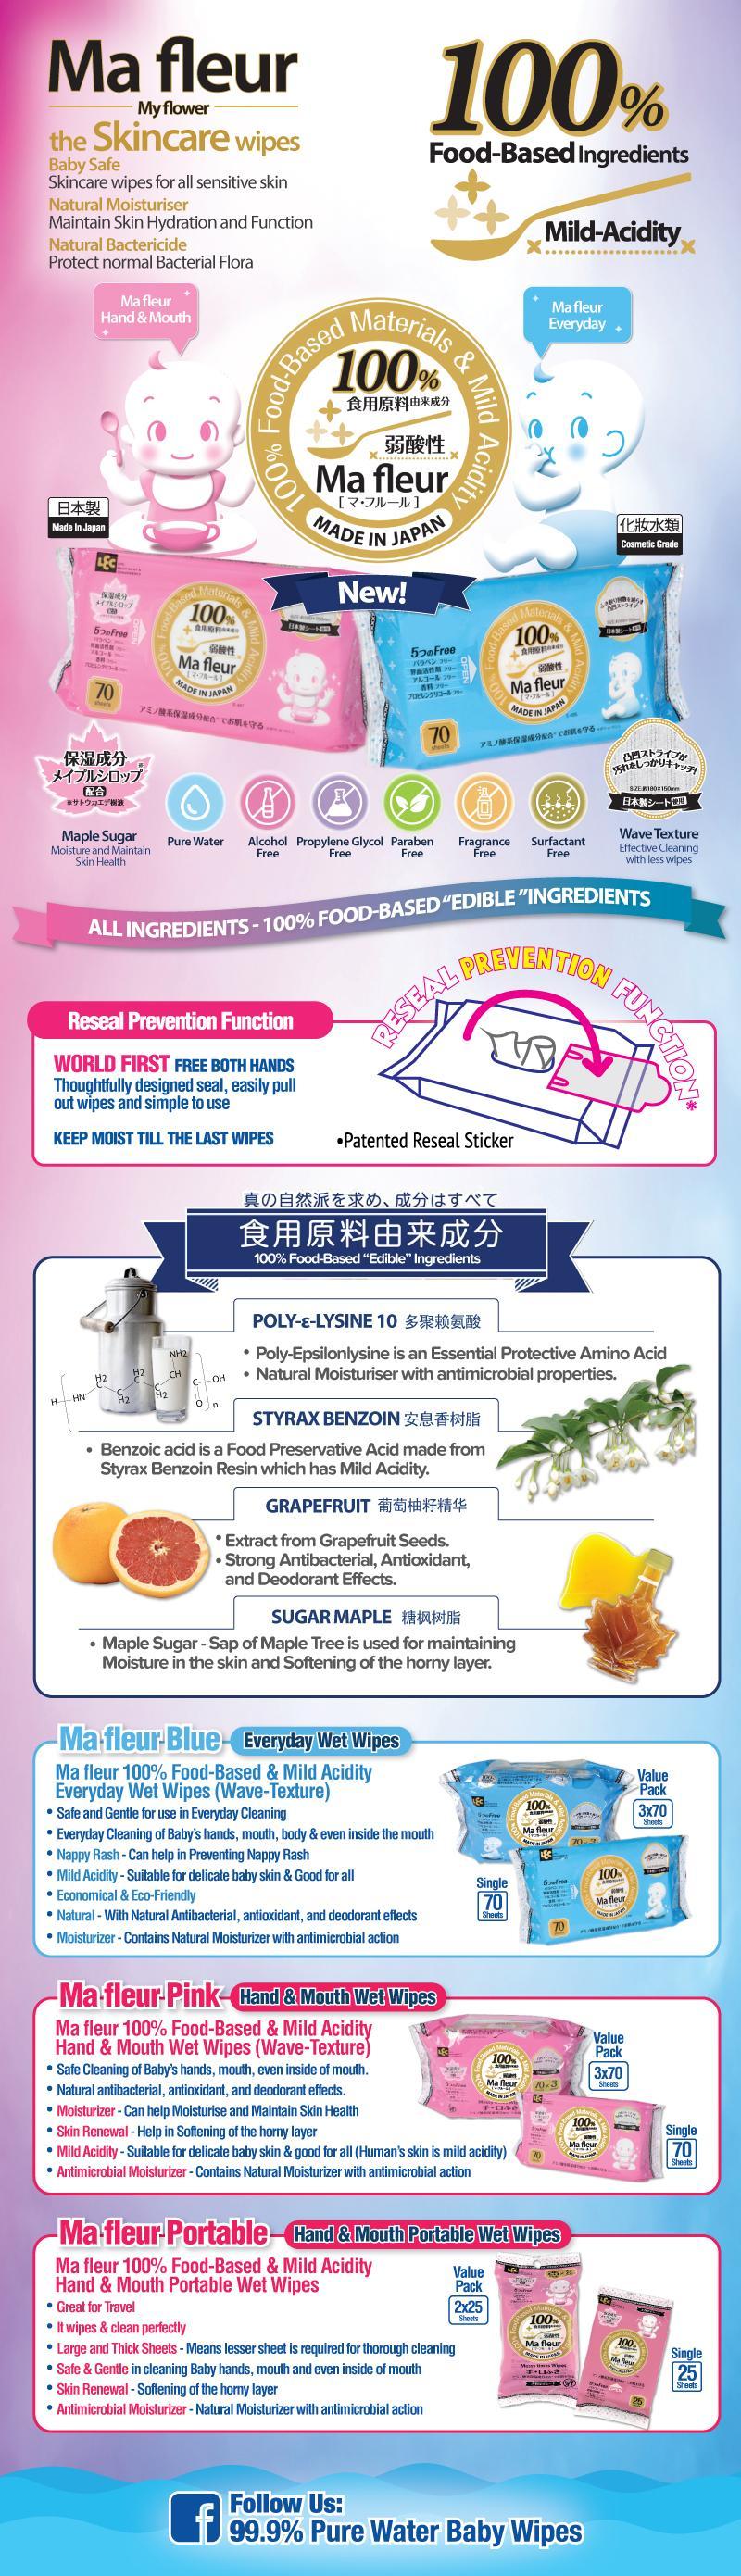 MA-fleur-Product-Description.jpg